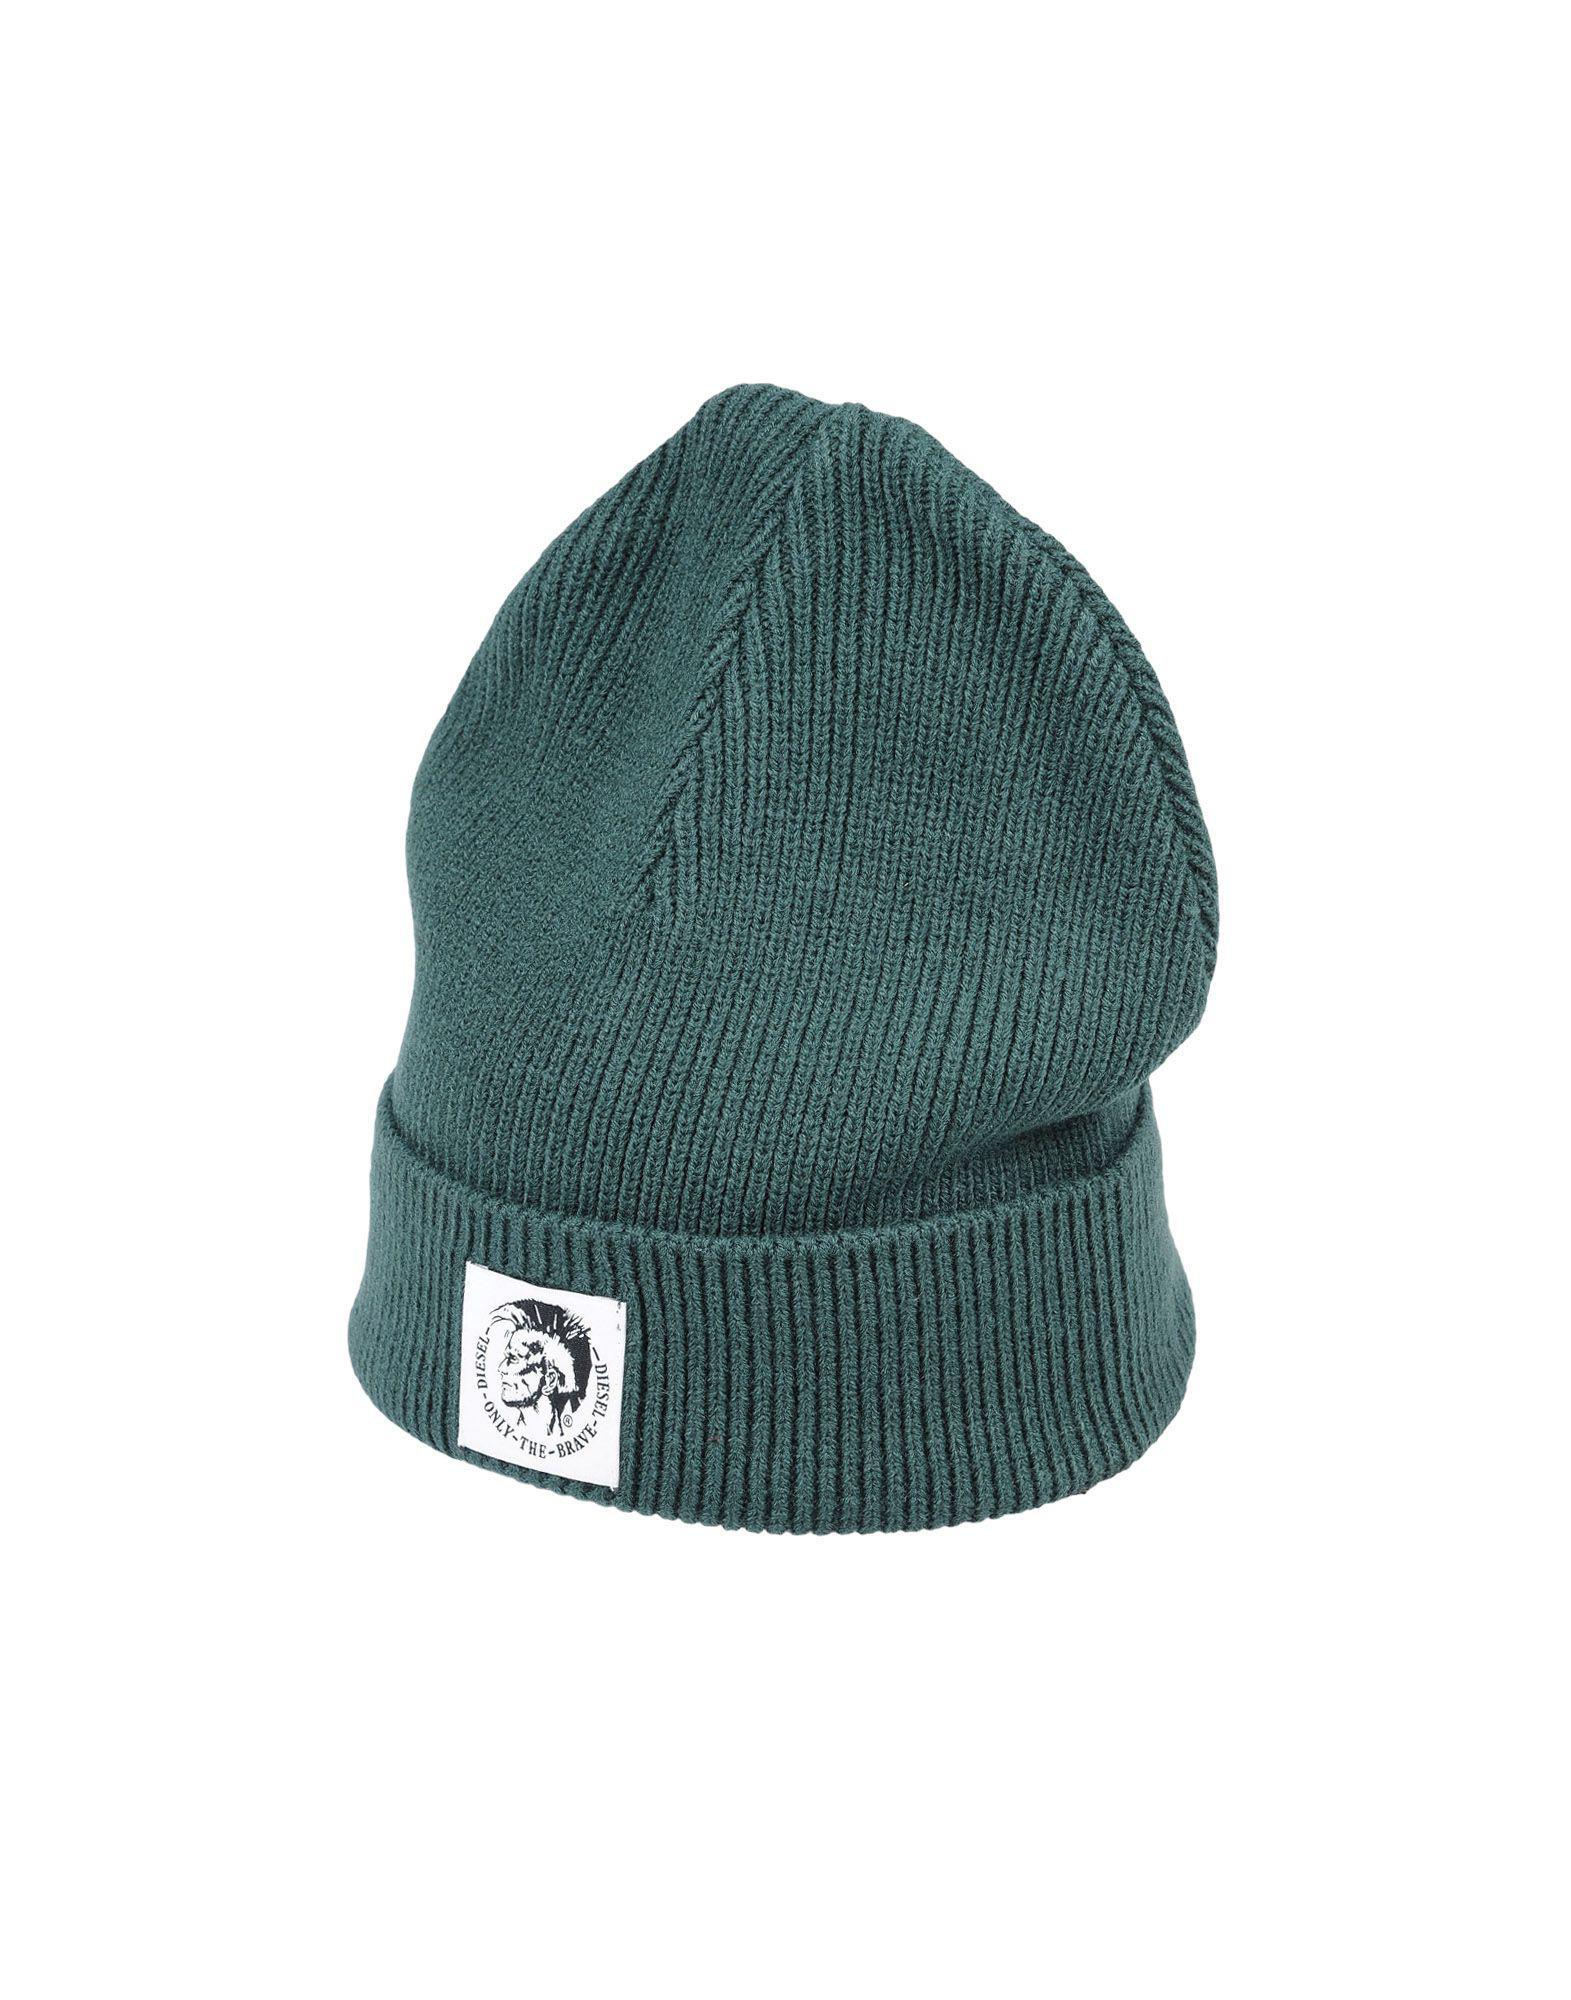 943a4653525 Lyst - Diesel Hat in Green